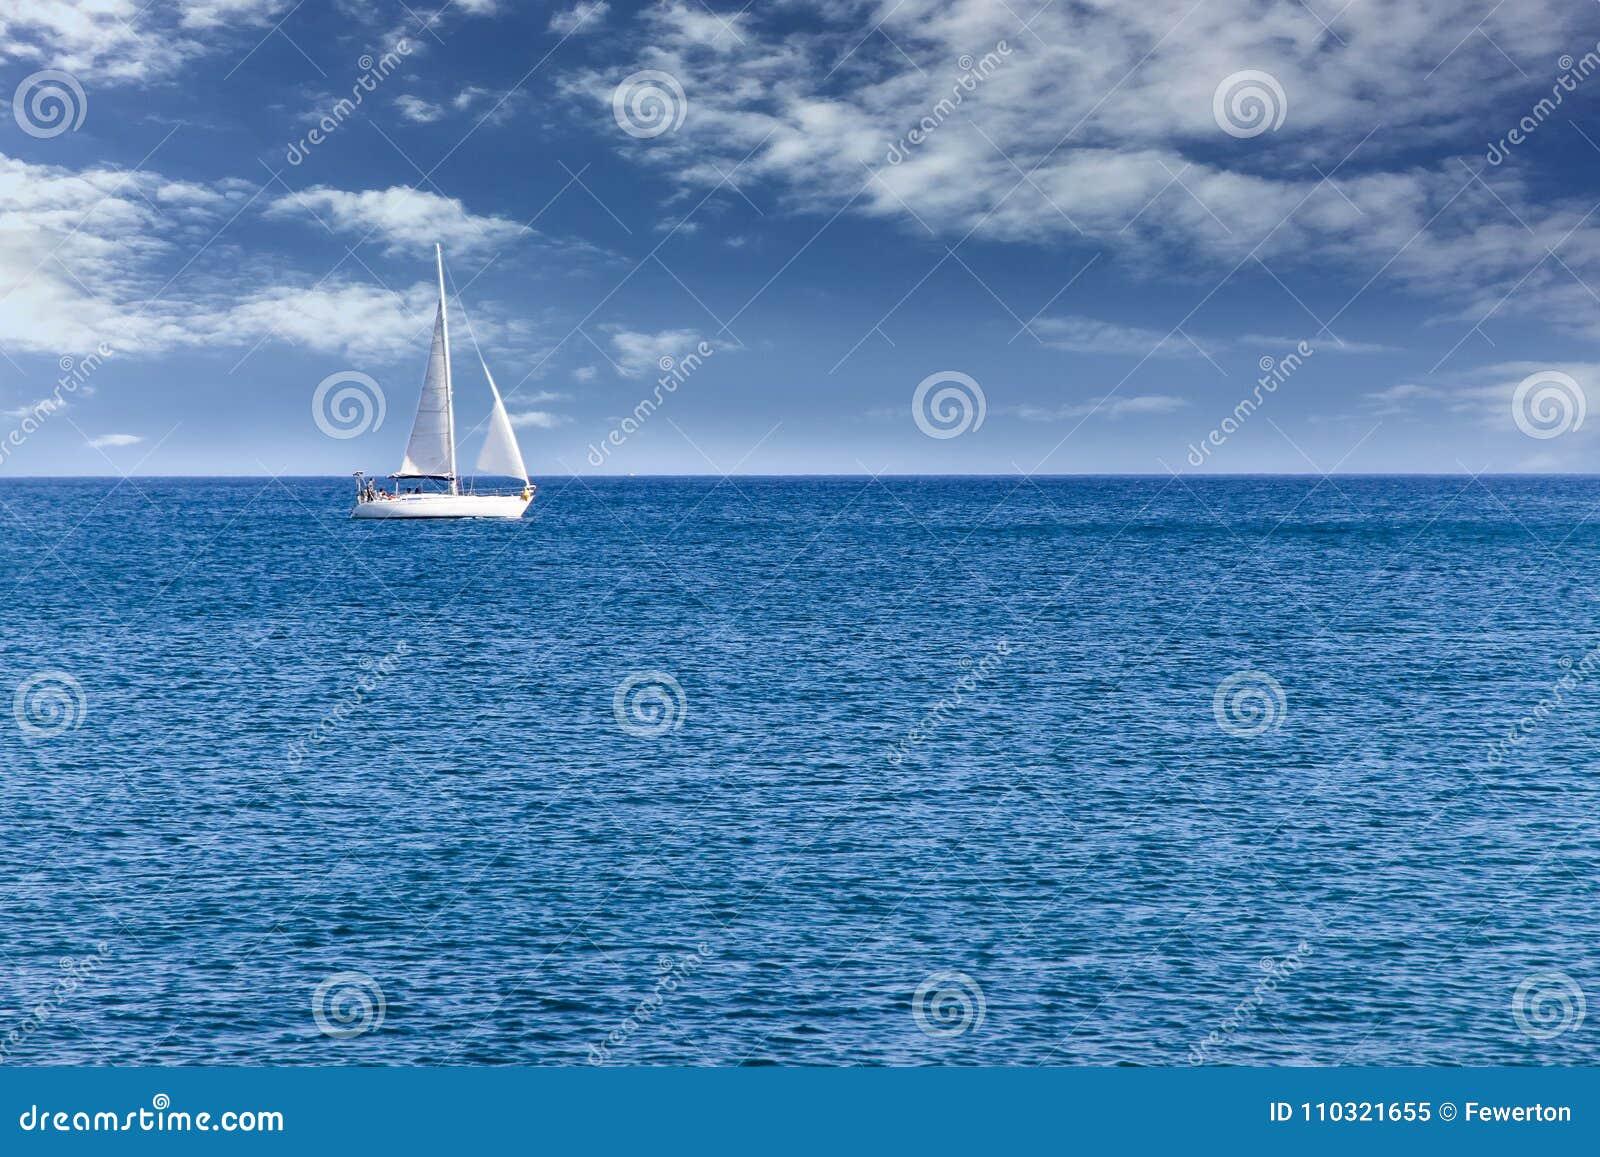 乘快艇单独航行在镇静蓝色海水的风船在与蓝天和白色云彩的一个美好的晴天